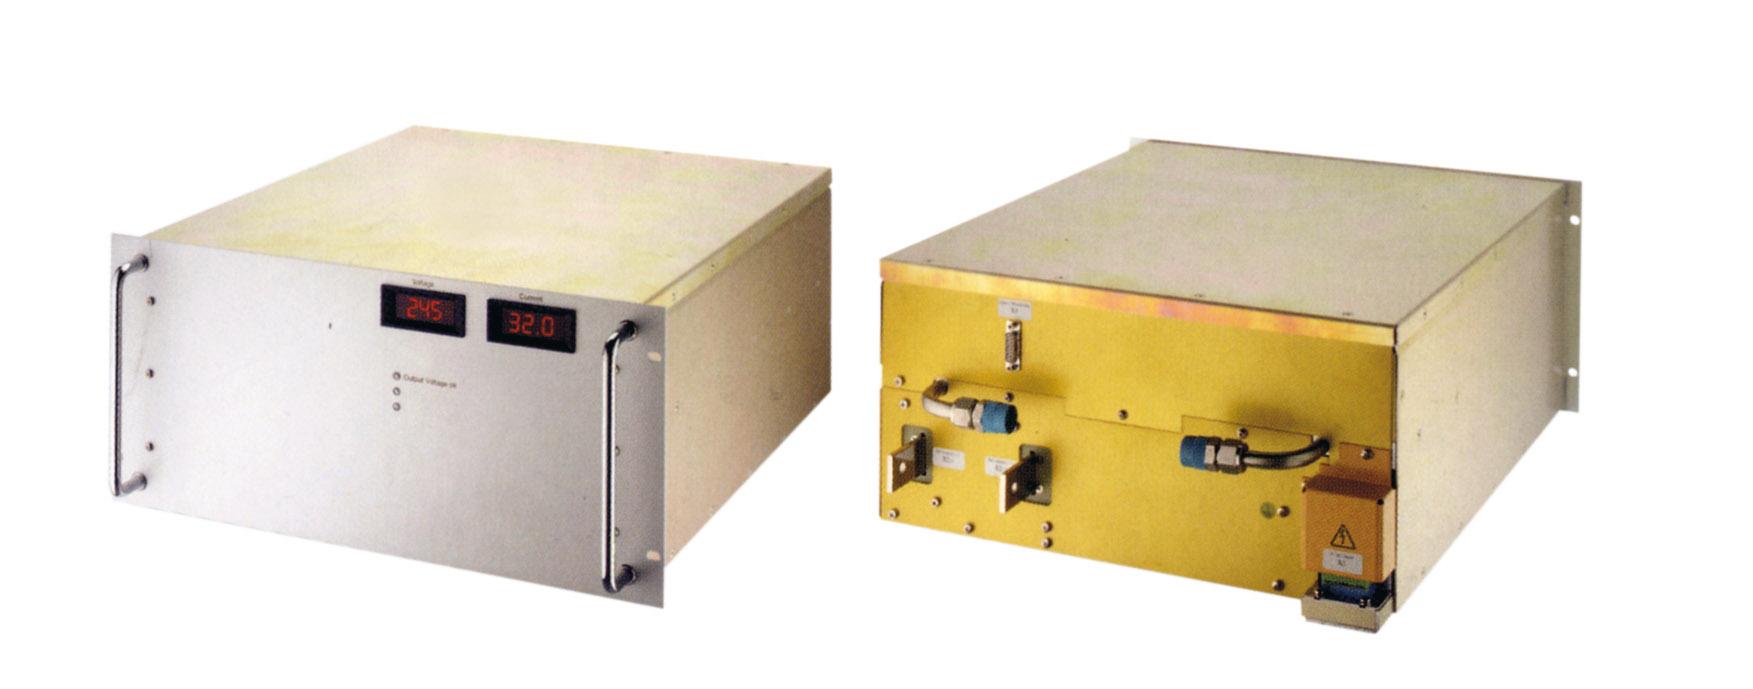 Компактные 8000-Вт источники питания с водяным охлаждением